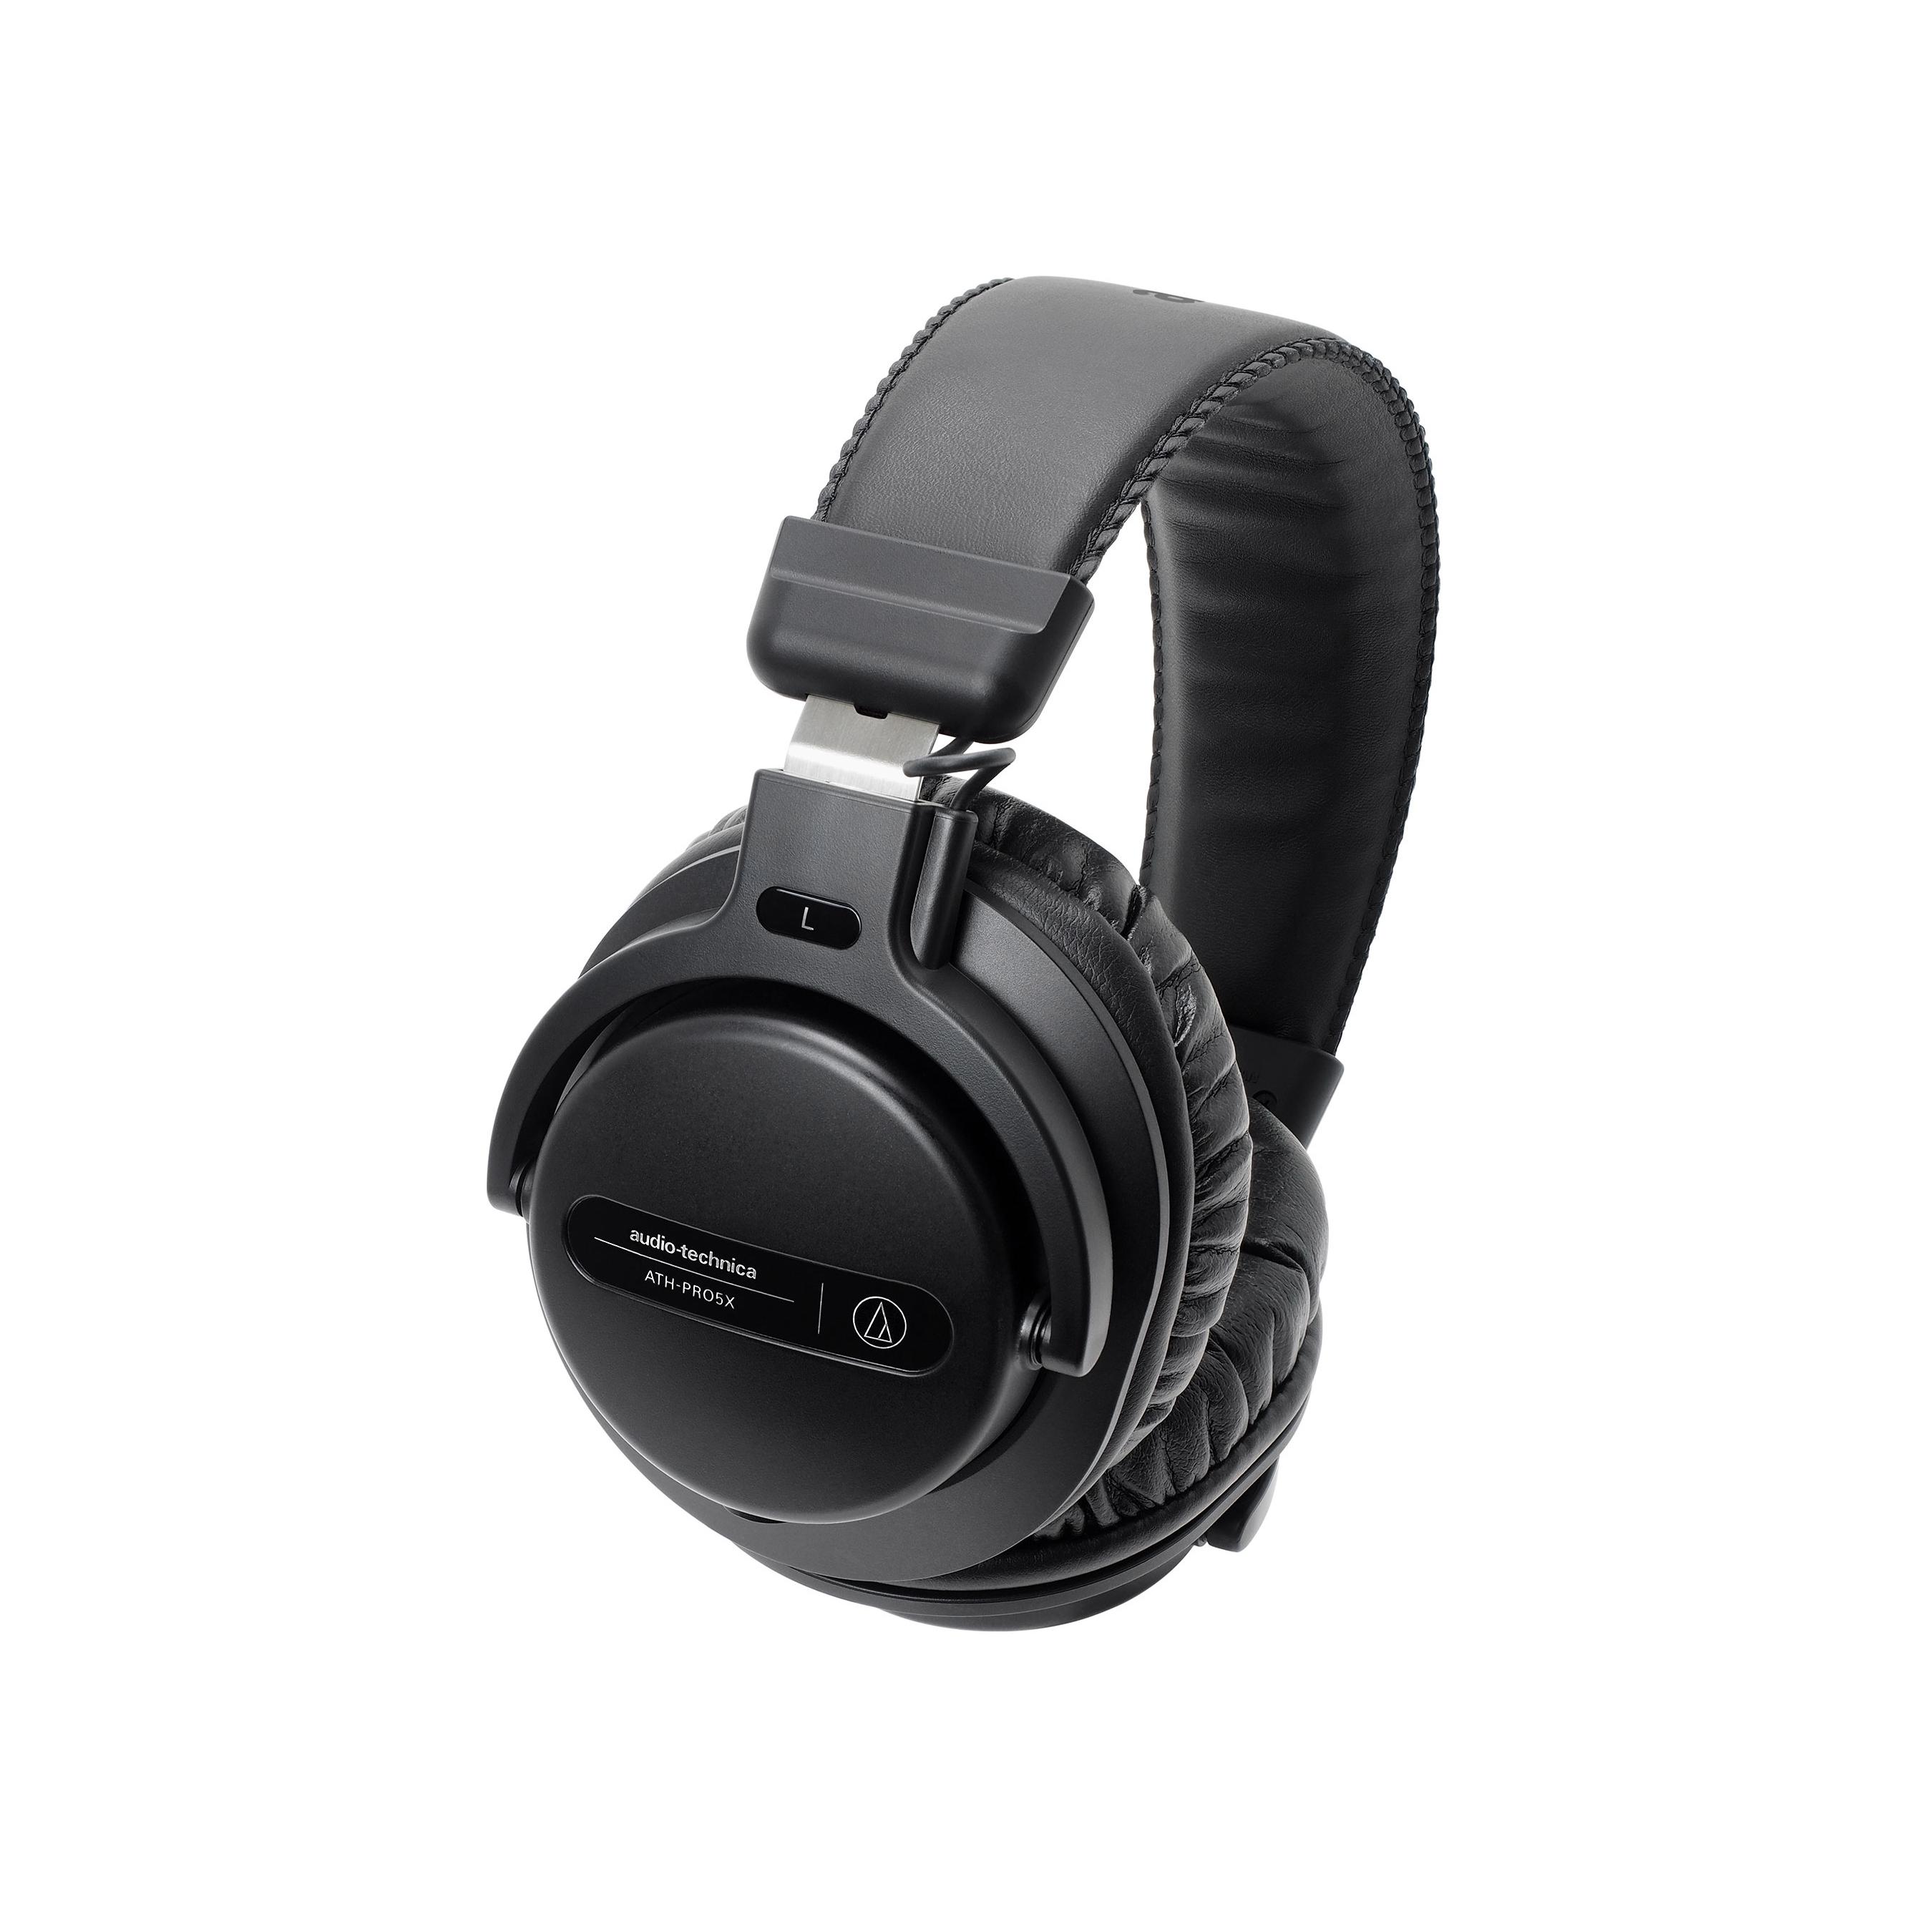 Billede af Audio-Technica ATH-PRO5X Headphone